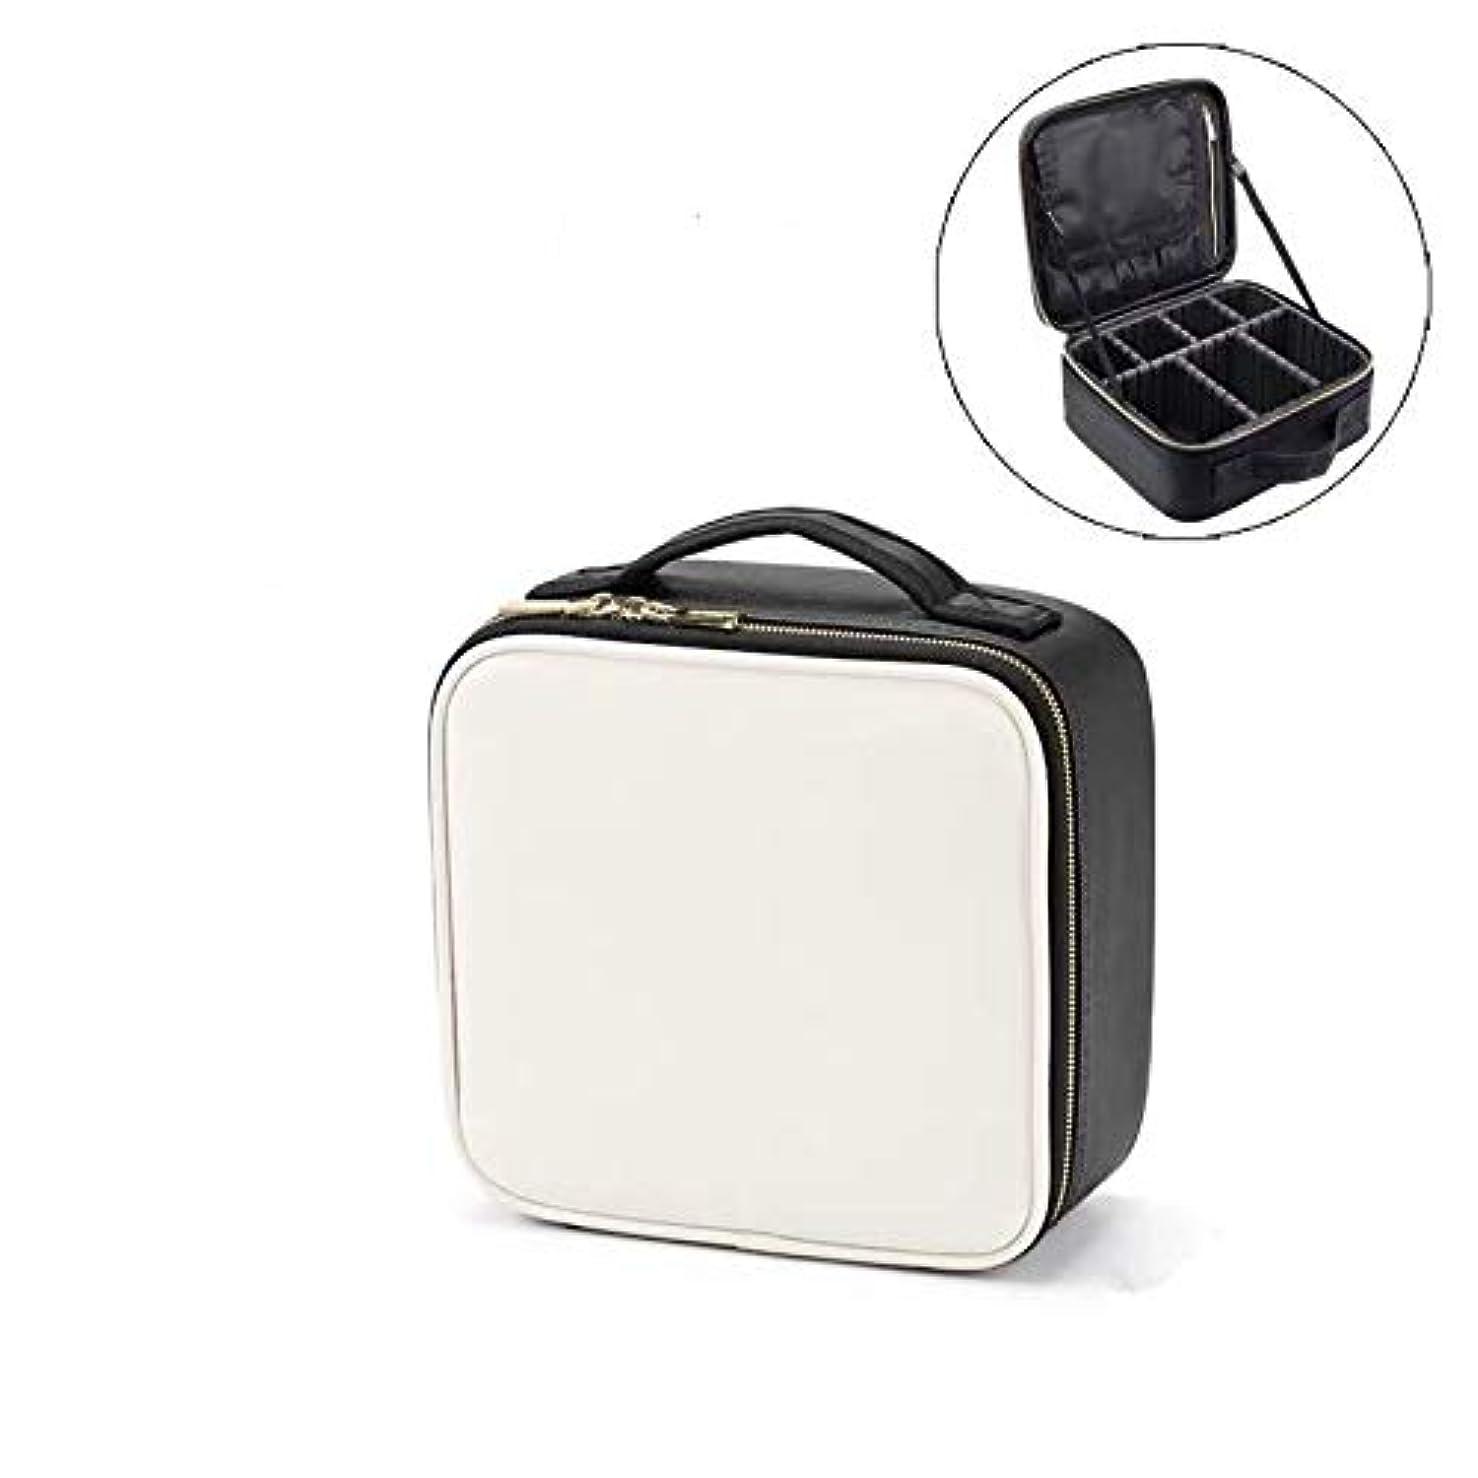 カートン気がついてメディックメイクボックス プロ用 大容量 仕切り板調節可能 防水設計 コスメボックス 化粧ポーチ 化粧品収納 高級感 旅行外出 携帯用